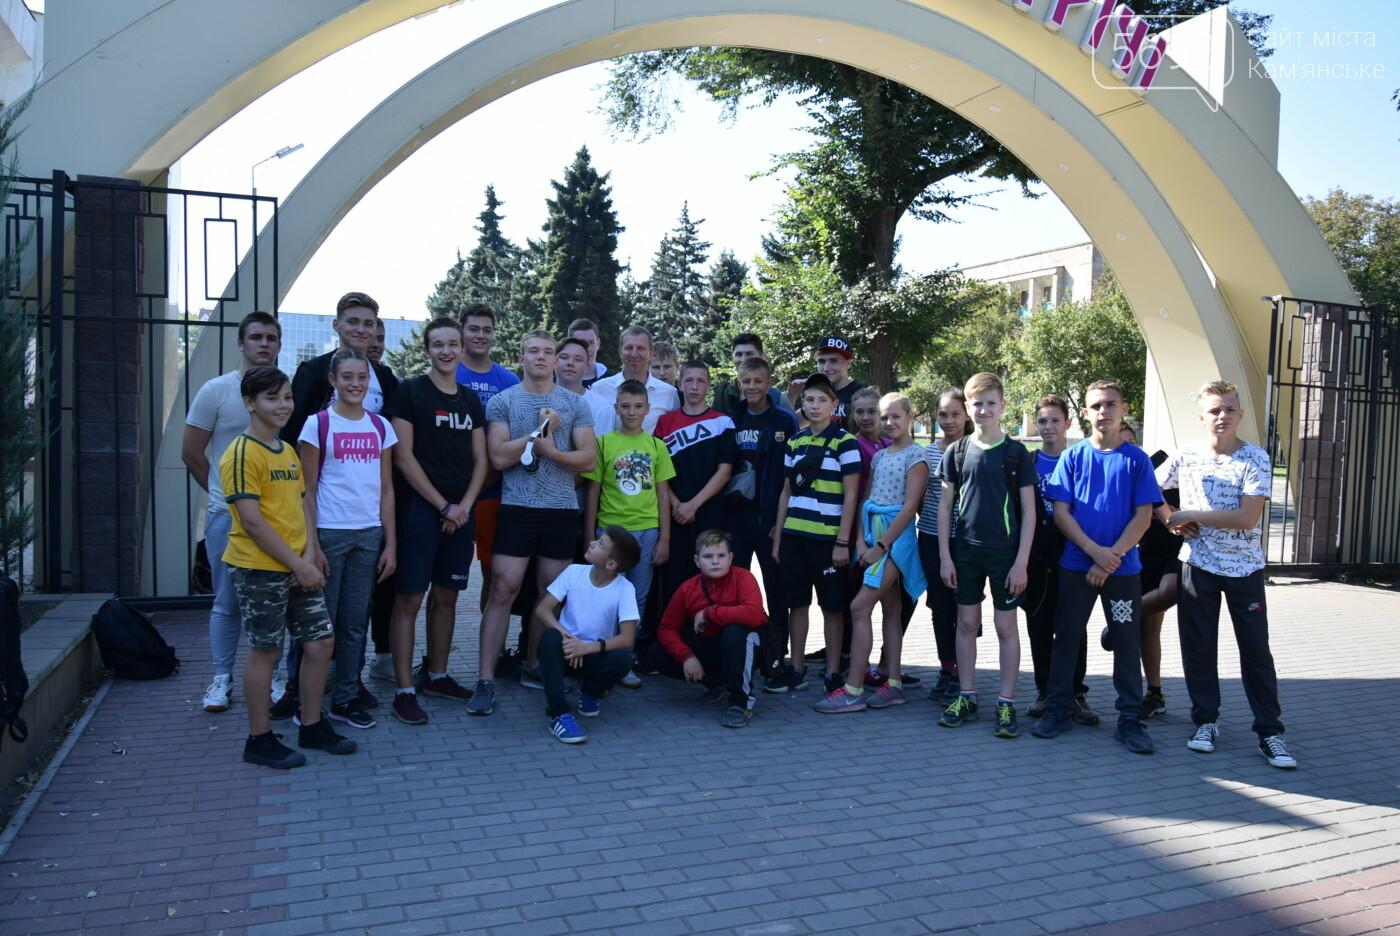 Ко Дню физкультуры и спорта: в Центральном парке Каменского соревновались школьники, фото-9